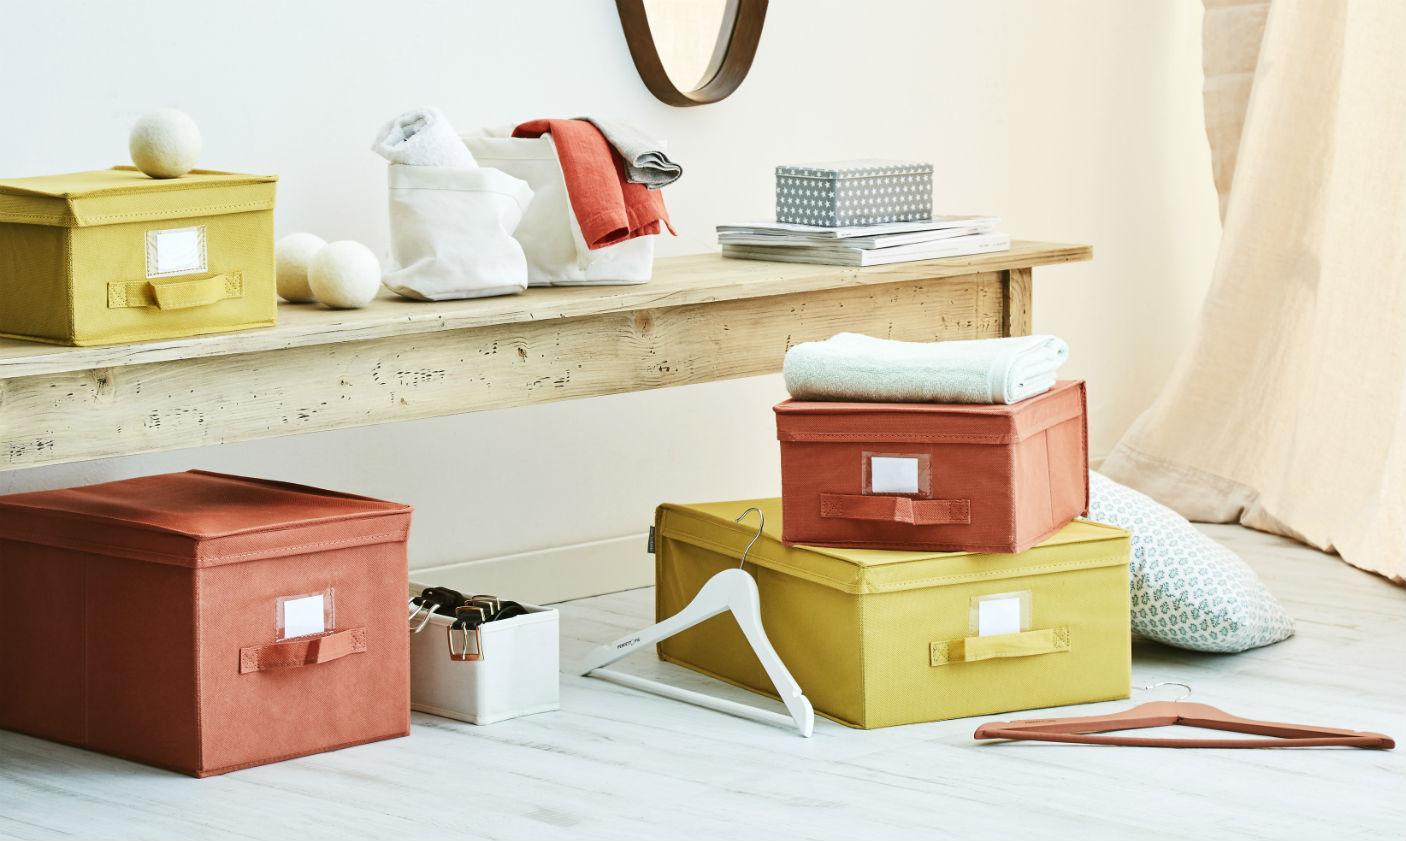 Dalani, 5 cose da imparare dai piccoli spazi, Casa, Colori, Arredamento